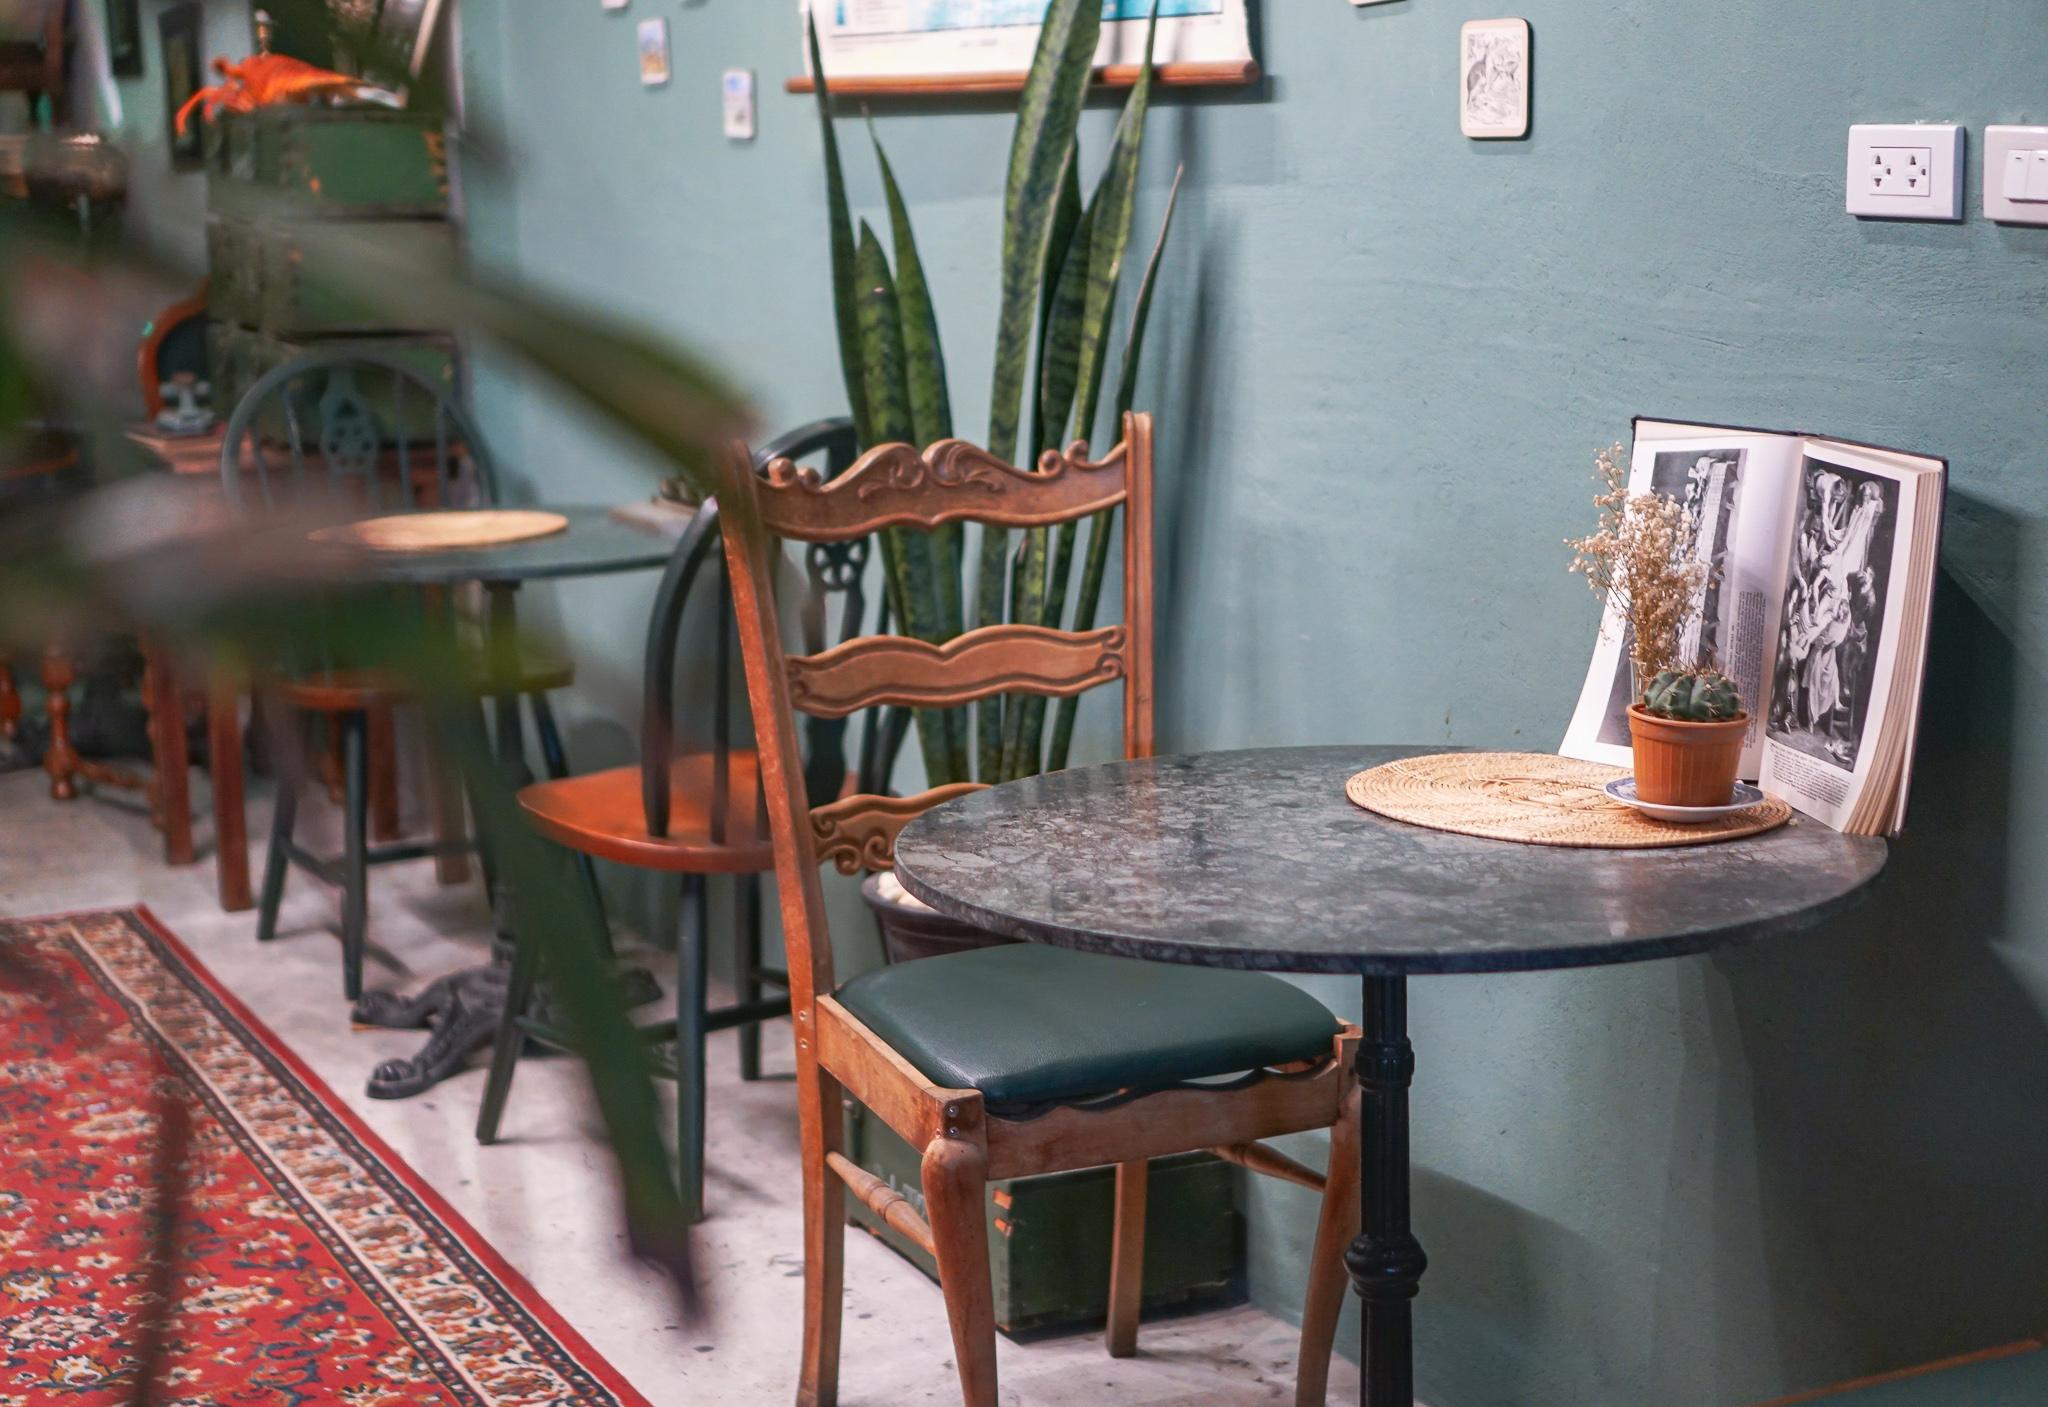 バンコクのカフェ「botanica cafe」のインテリア